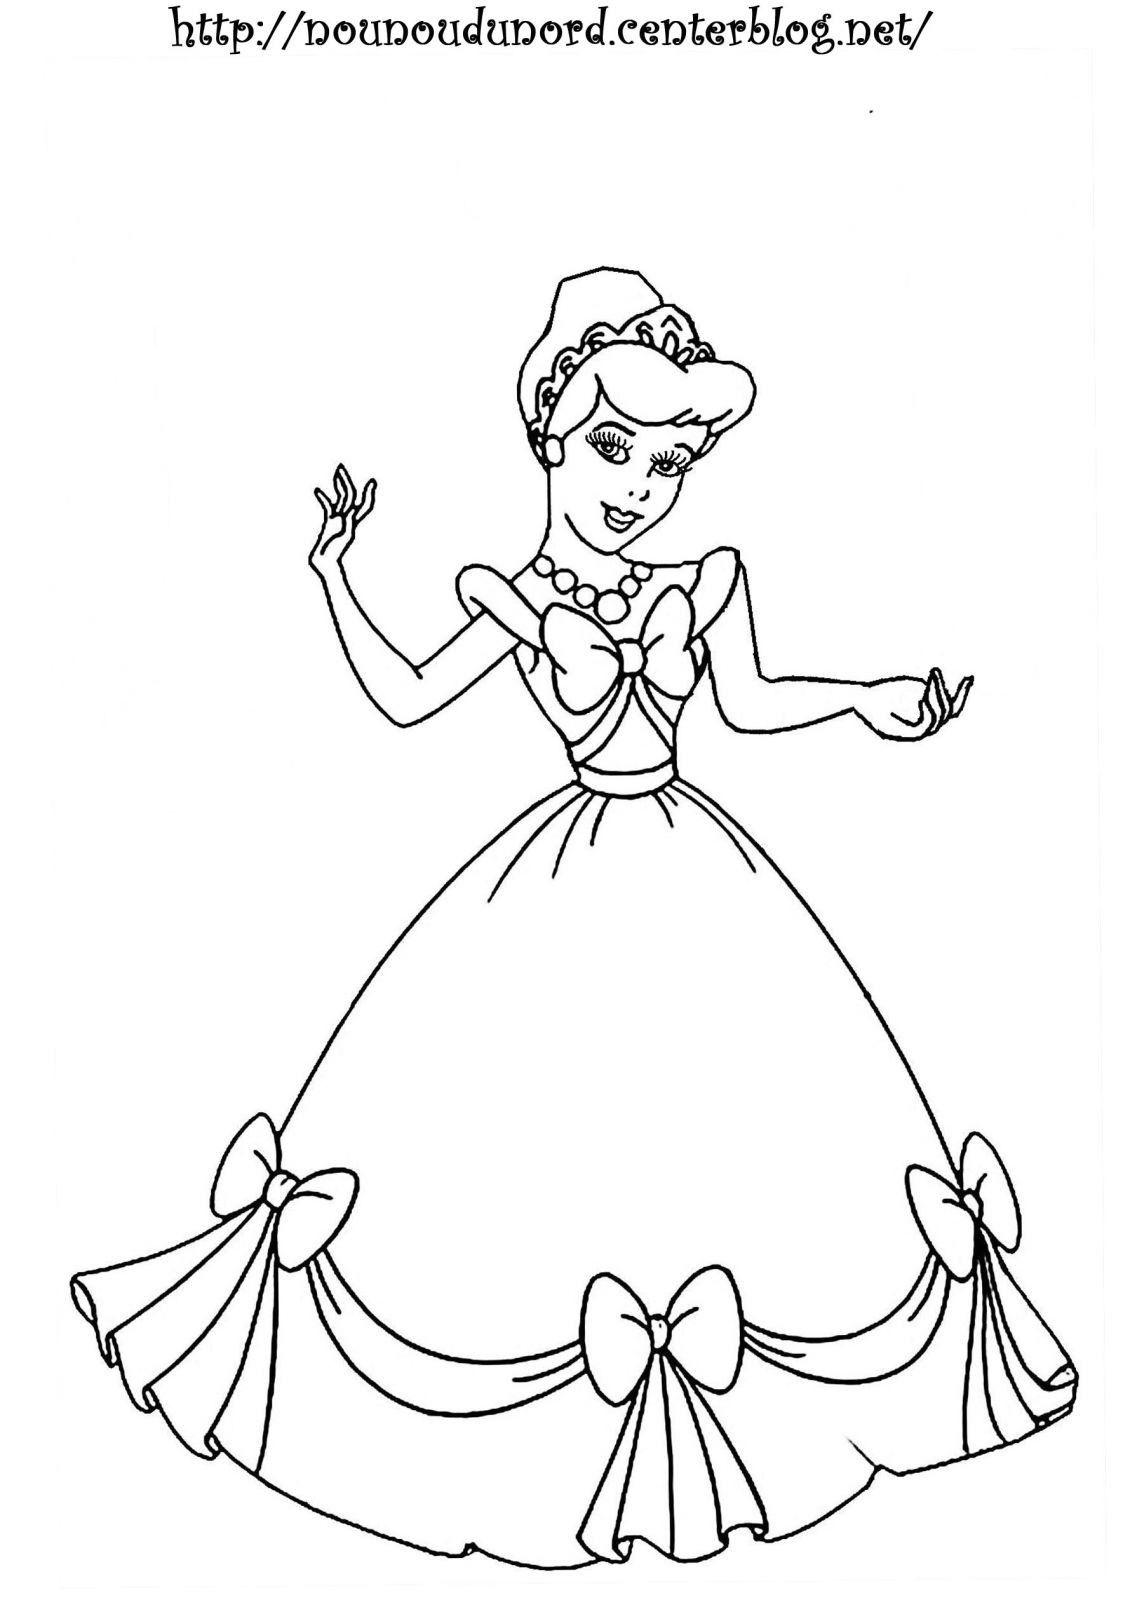 Coloriage De Princesse Disney Gratuit A Imprimer Coloriage Princesse Coloriage Gratuit Coloriage